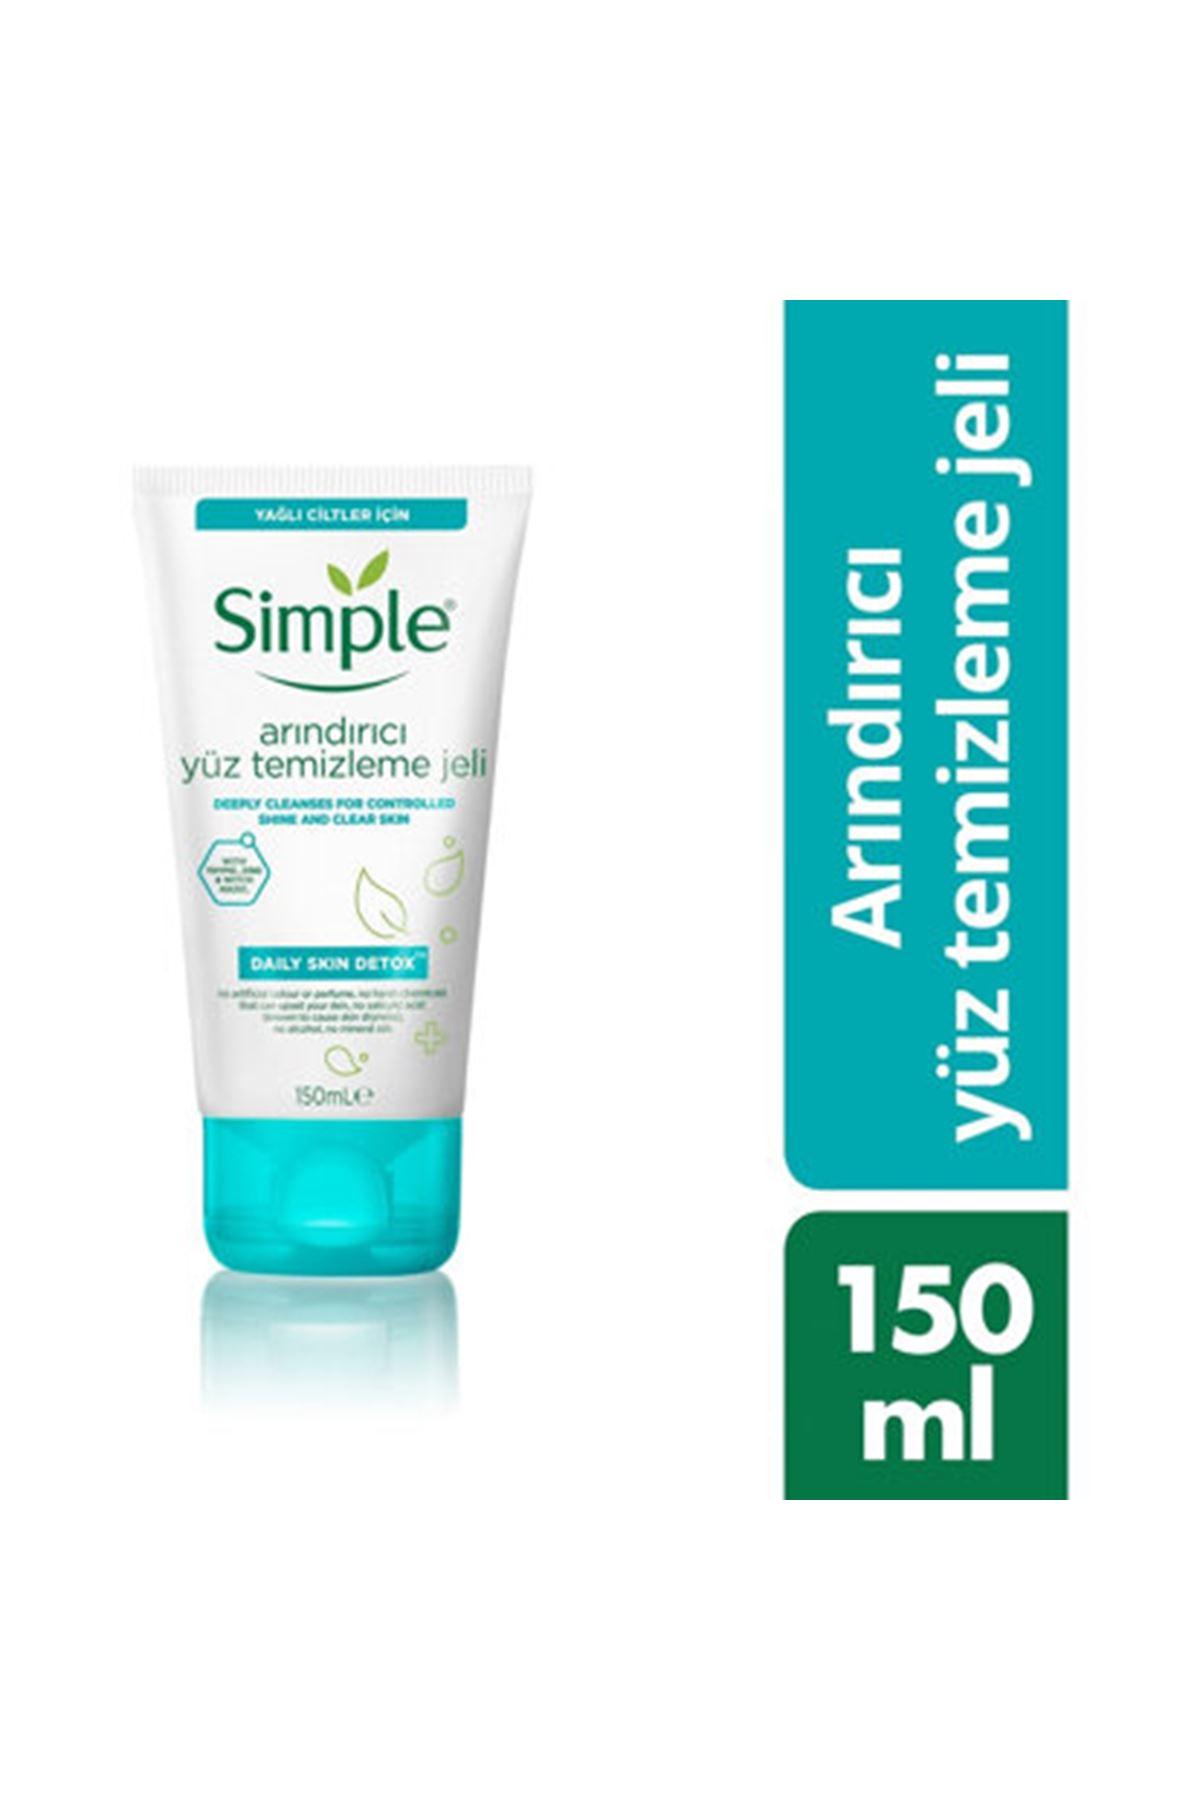 Simple Daily Skin Detox Yüz Temizleme Jeli 150 ML